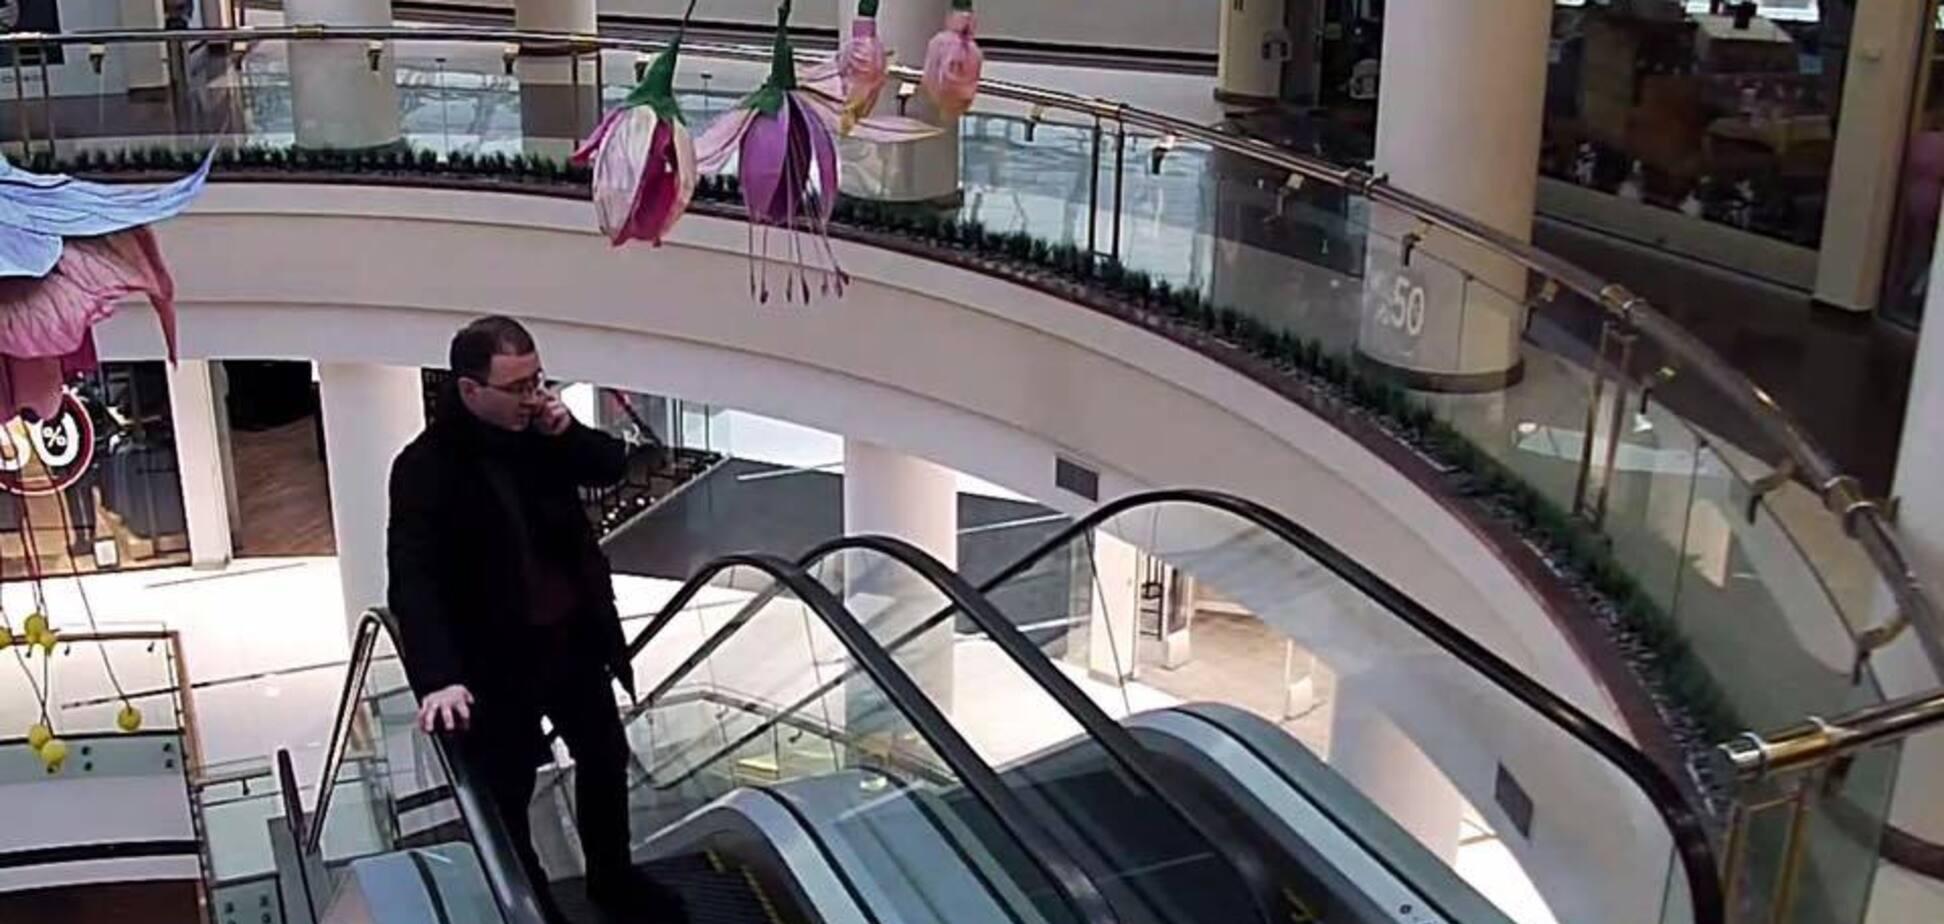 Викрито схему ''щипачів'' у великому ТЦ Києва: фото і відео злочинців за роботою